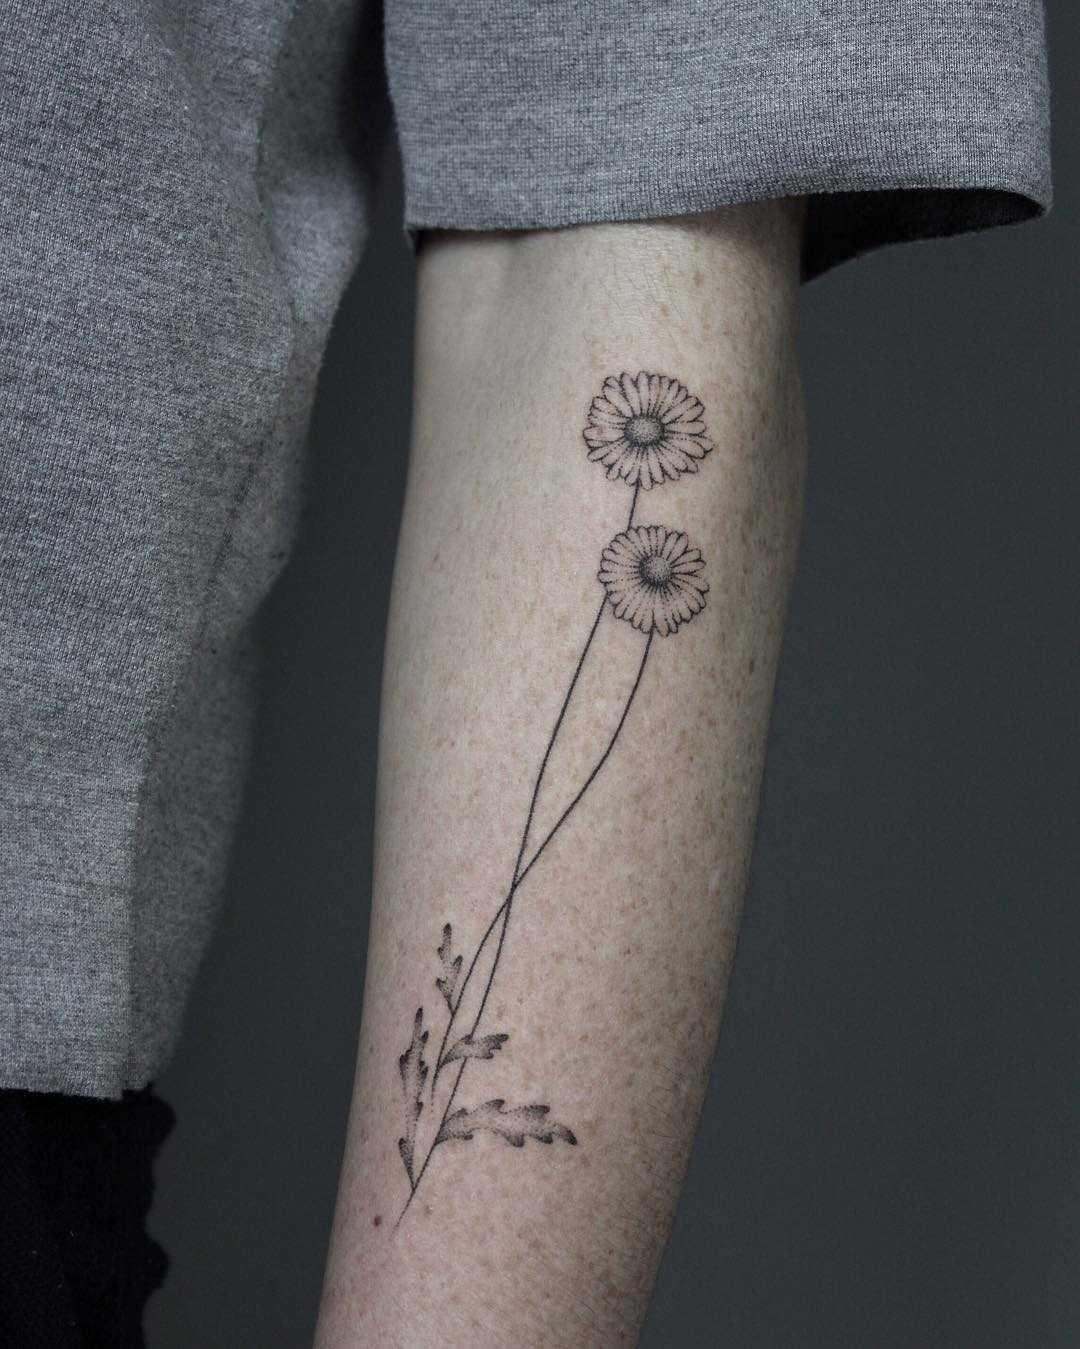 Hand-poked daisy tattoo by Lara Maju